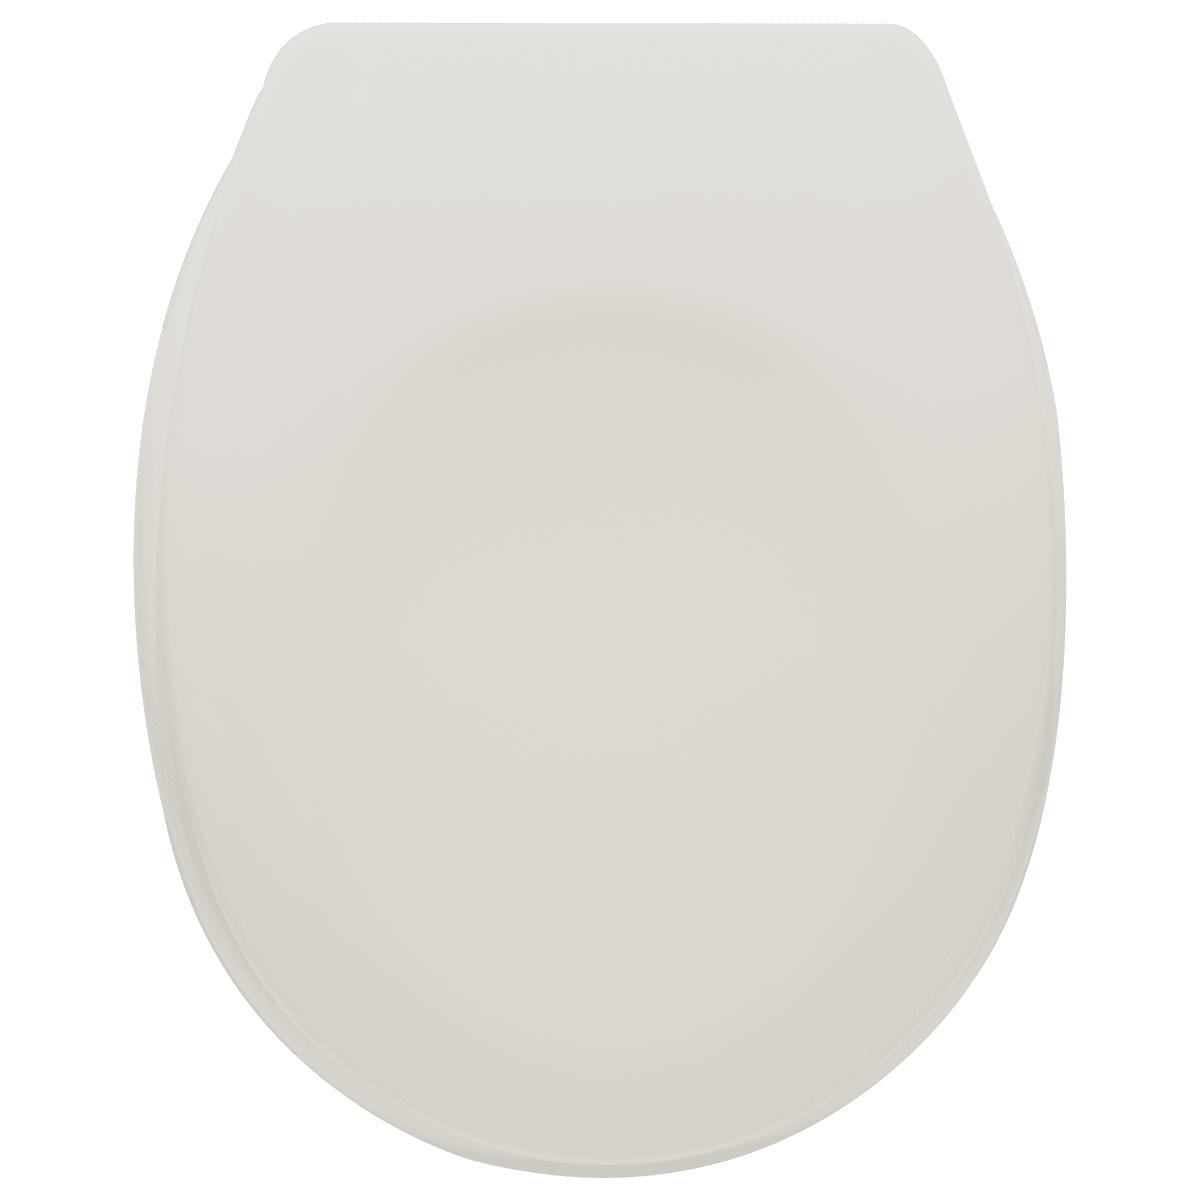 Сиденье для унитаза Sensea Sparta с микролифтом, цвет белый